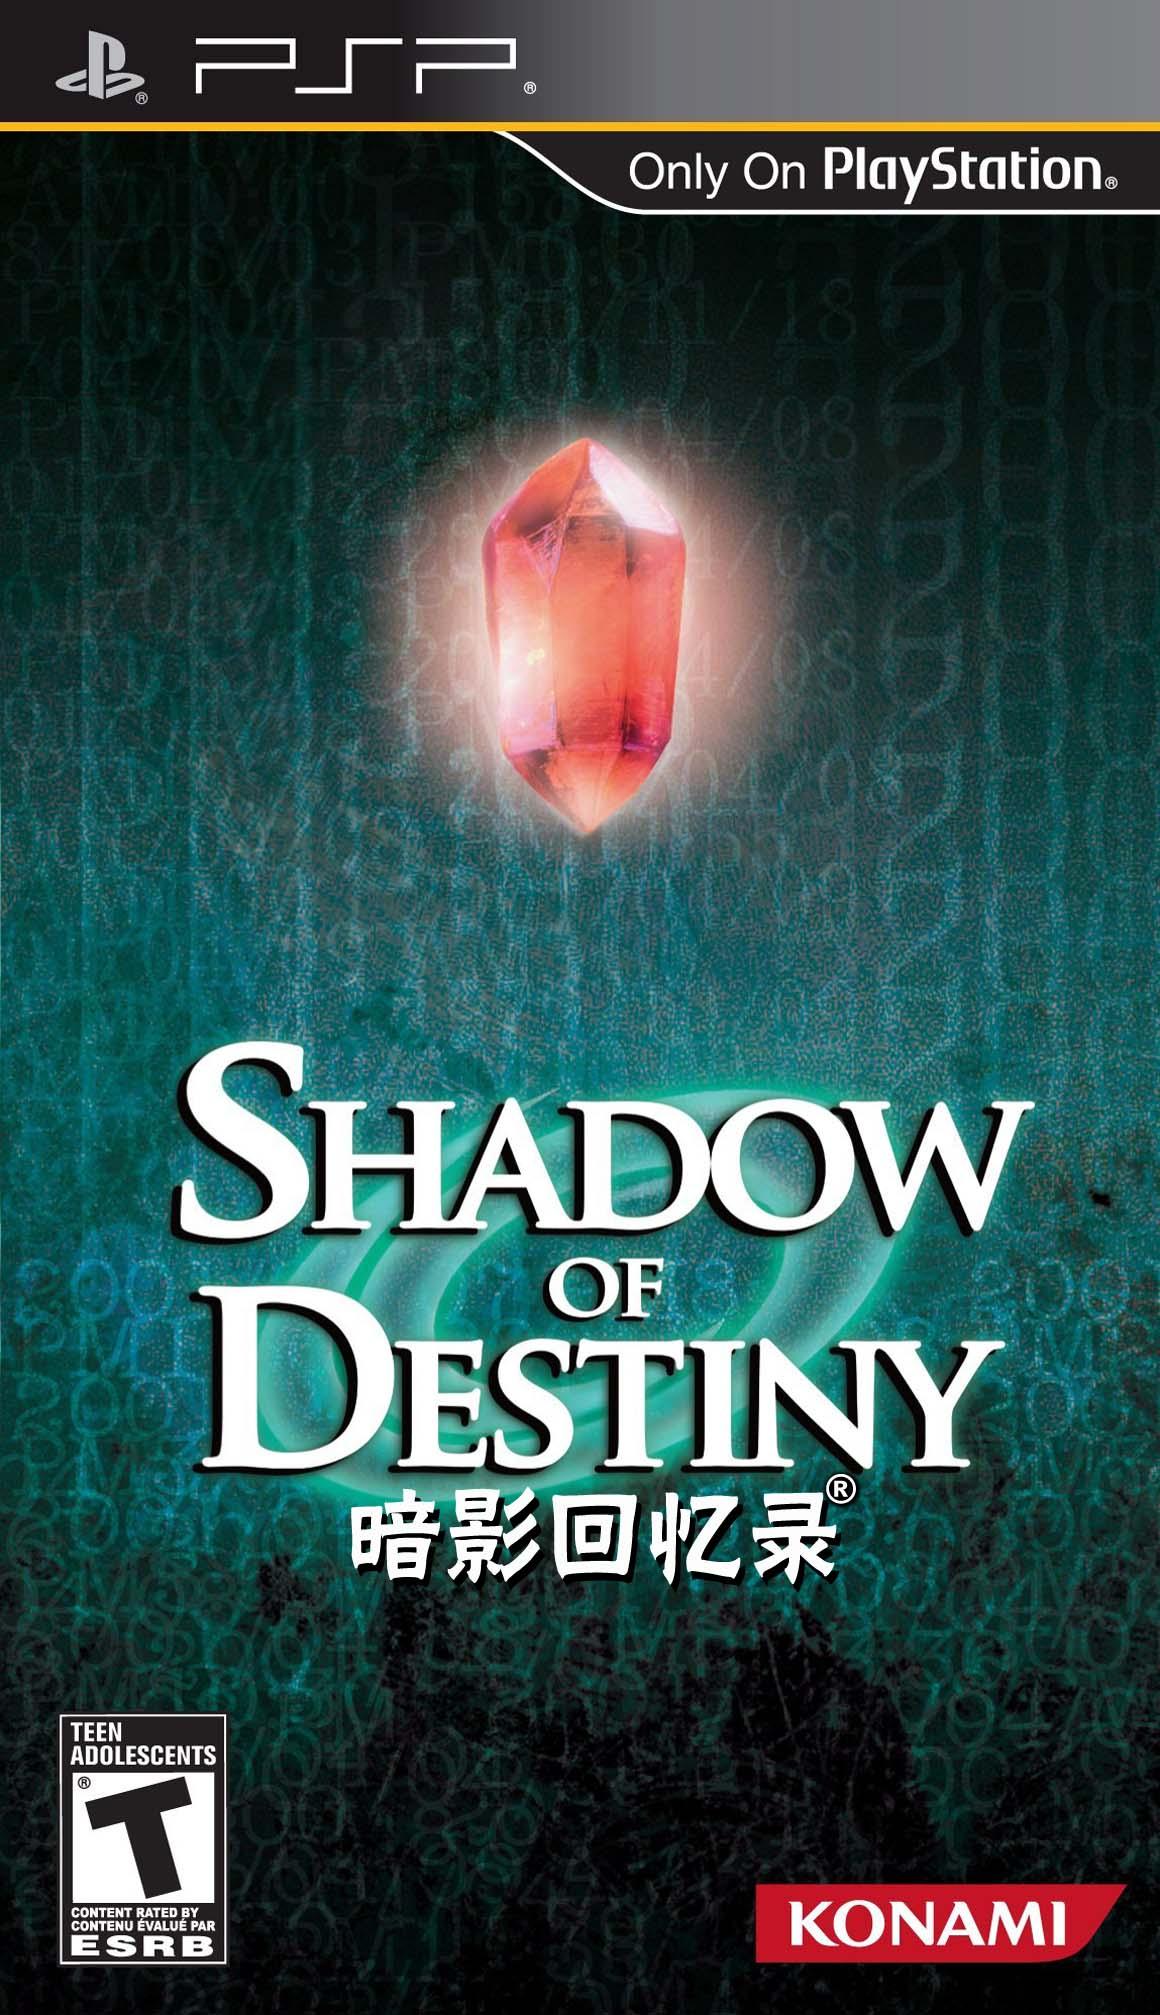 《暗影回忆录》(only on playstation - shadow of destiny)美版[光盘